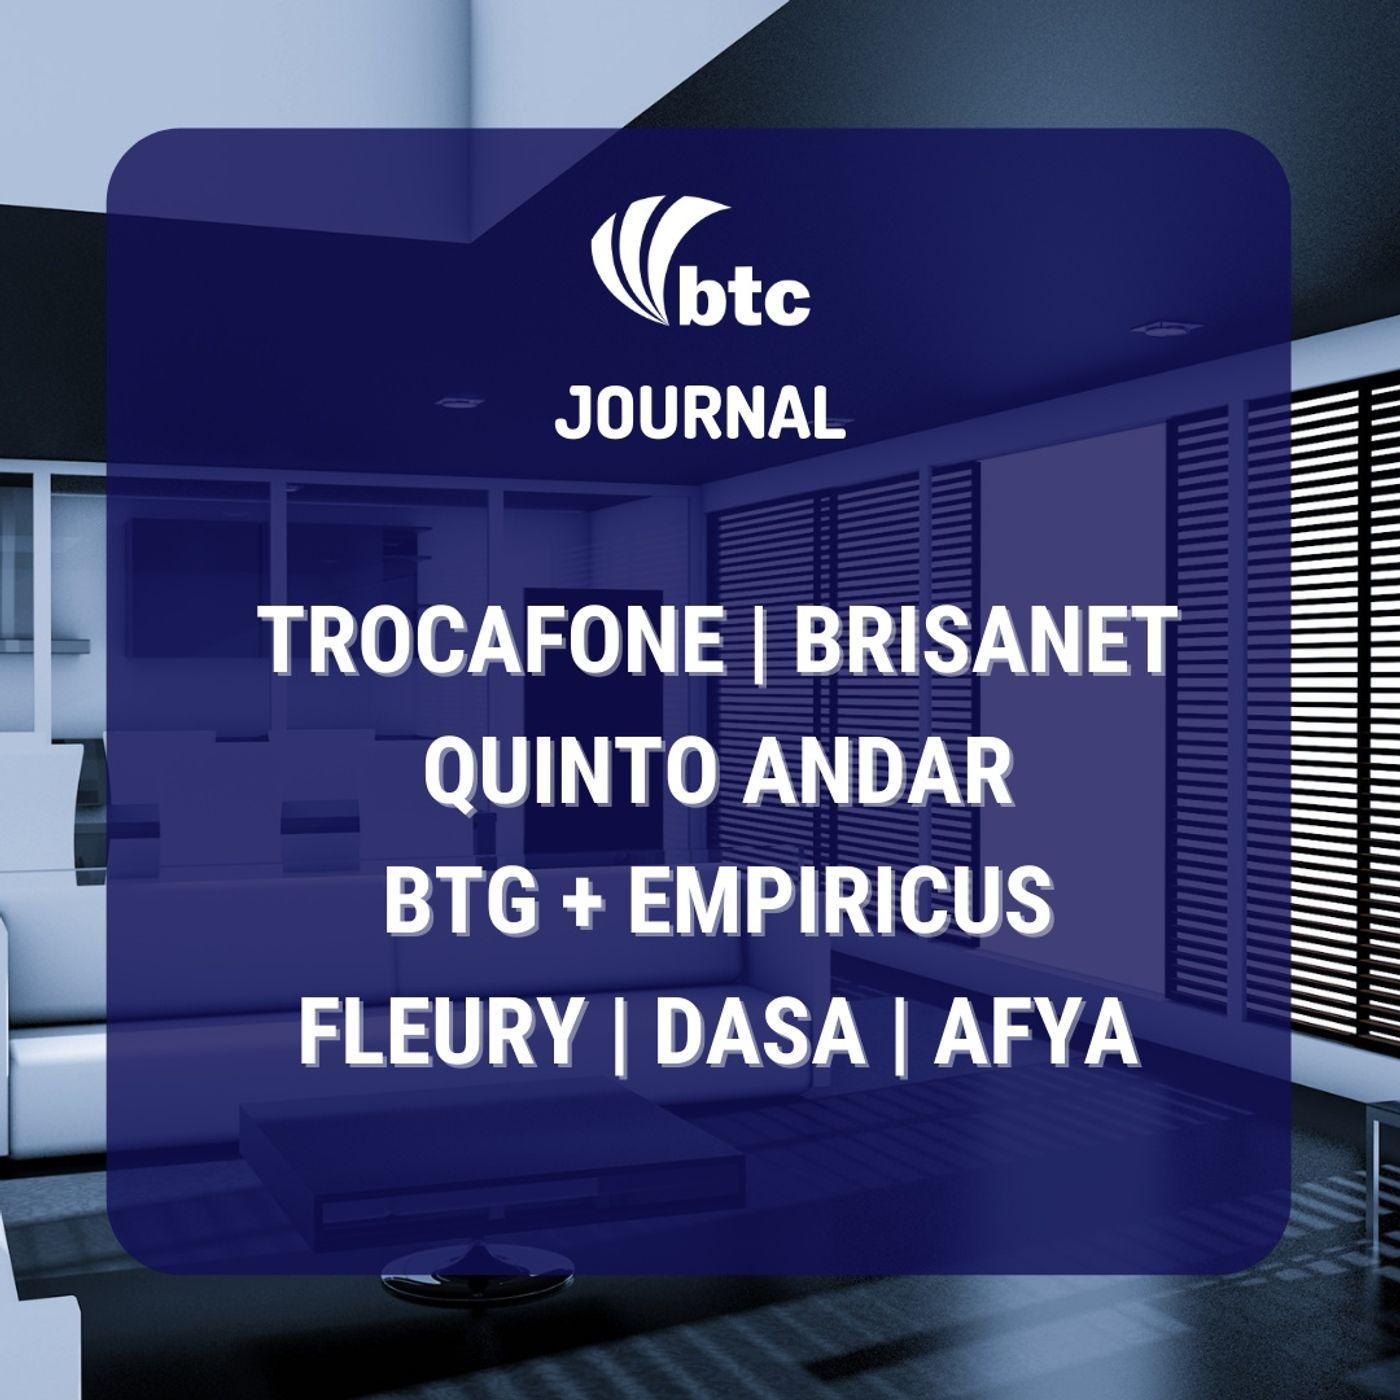 IPO Trocafone e Brisanet, BTG e Empiricus, Quinto Andar, Fleury, Dasa, Afya   BTC Journal 03/06/21